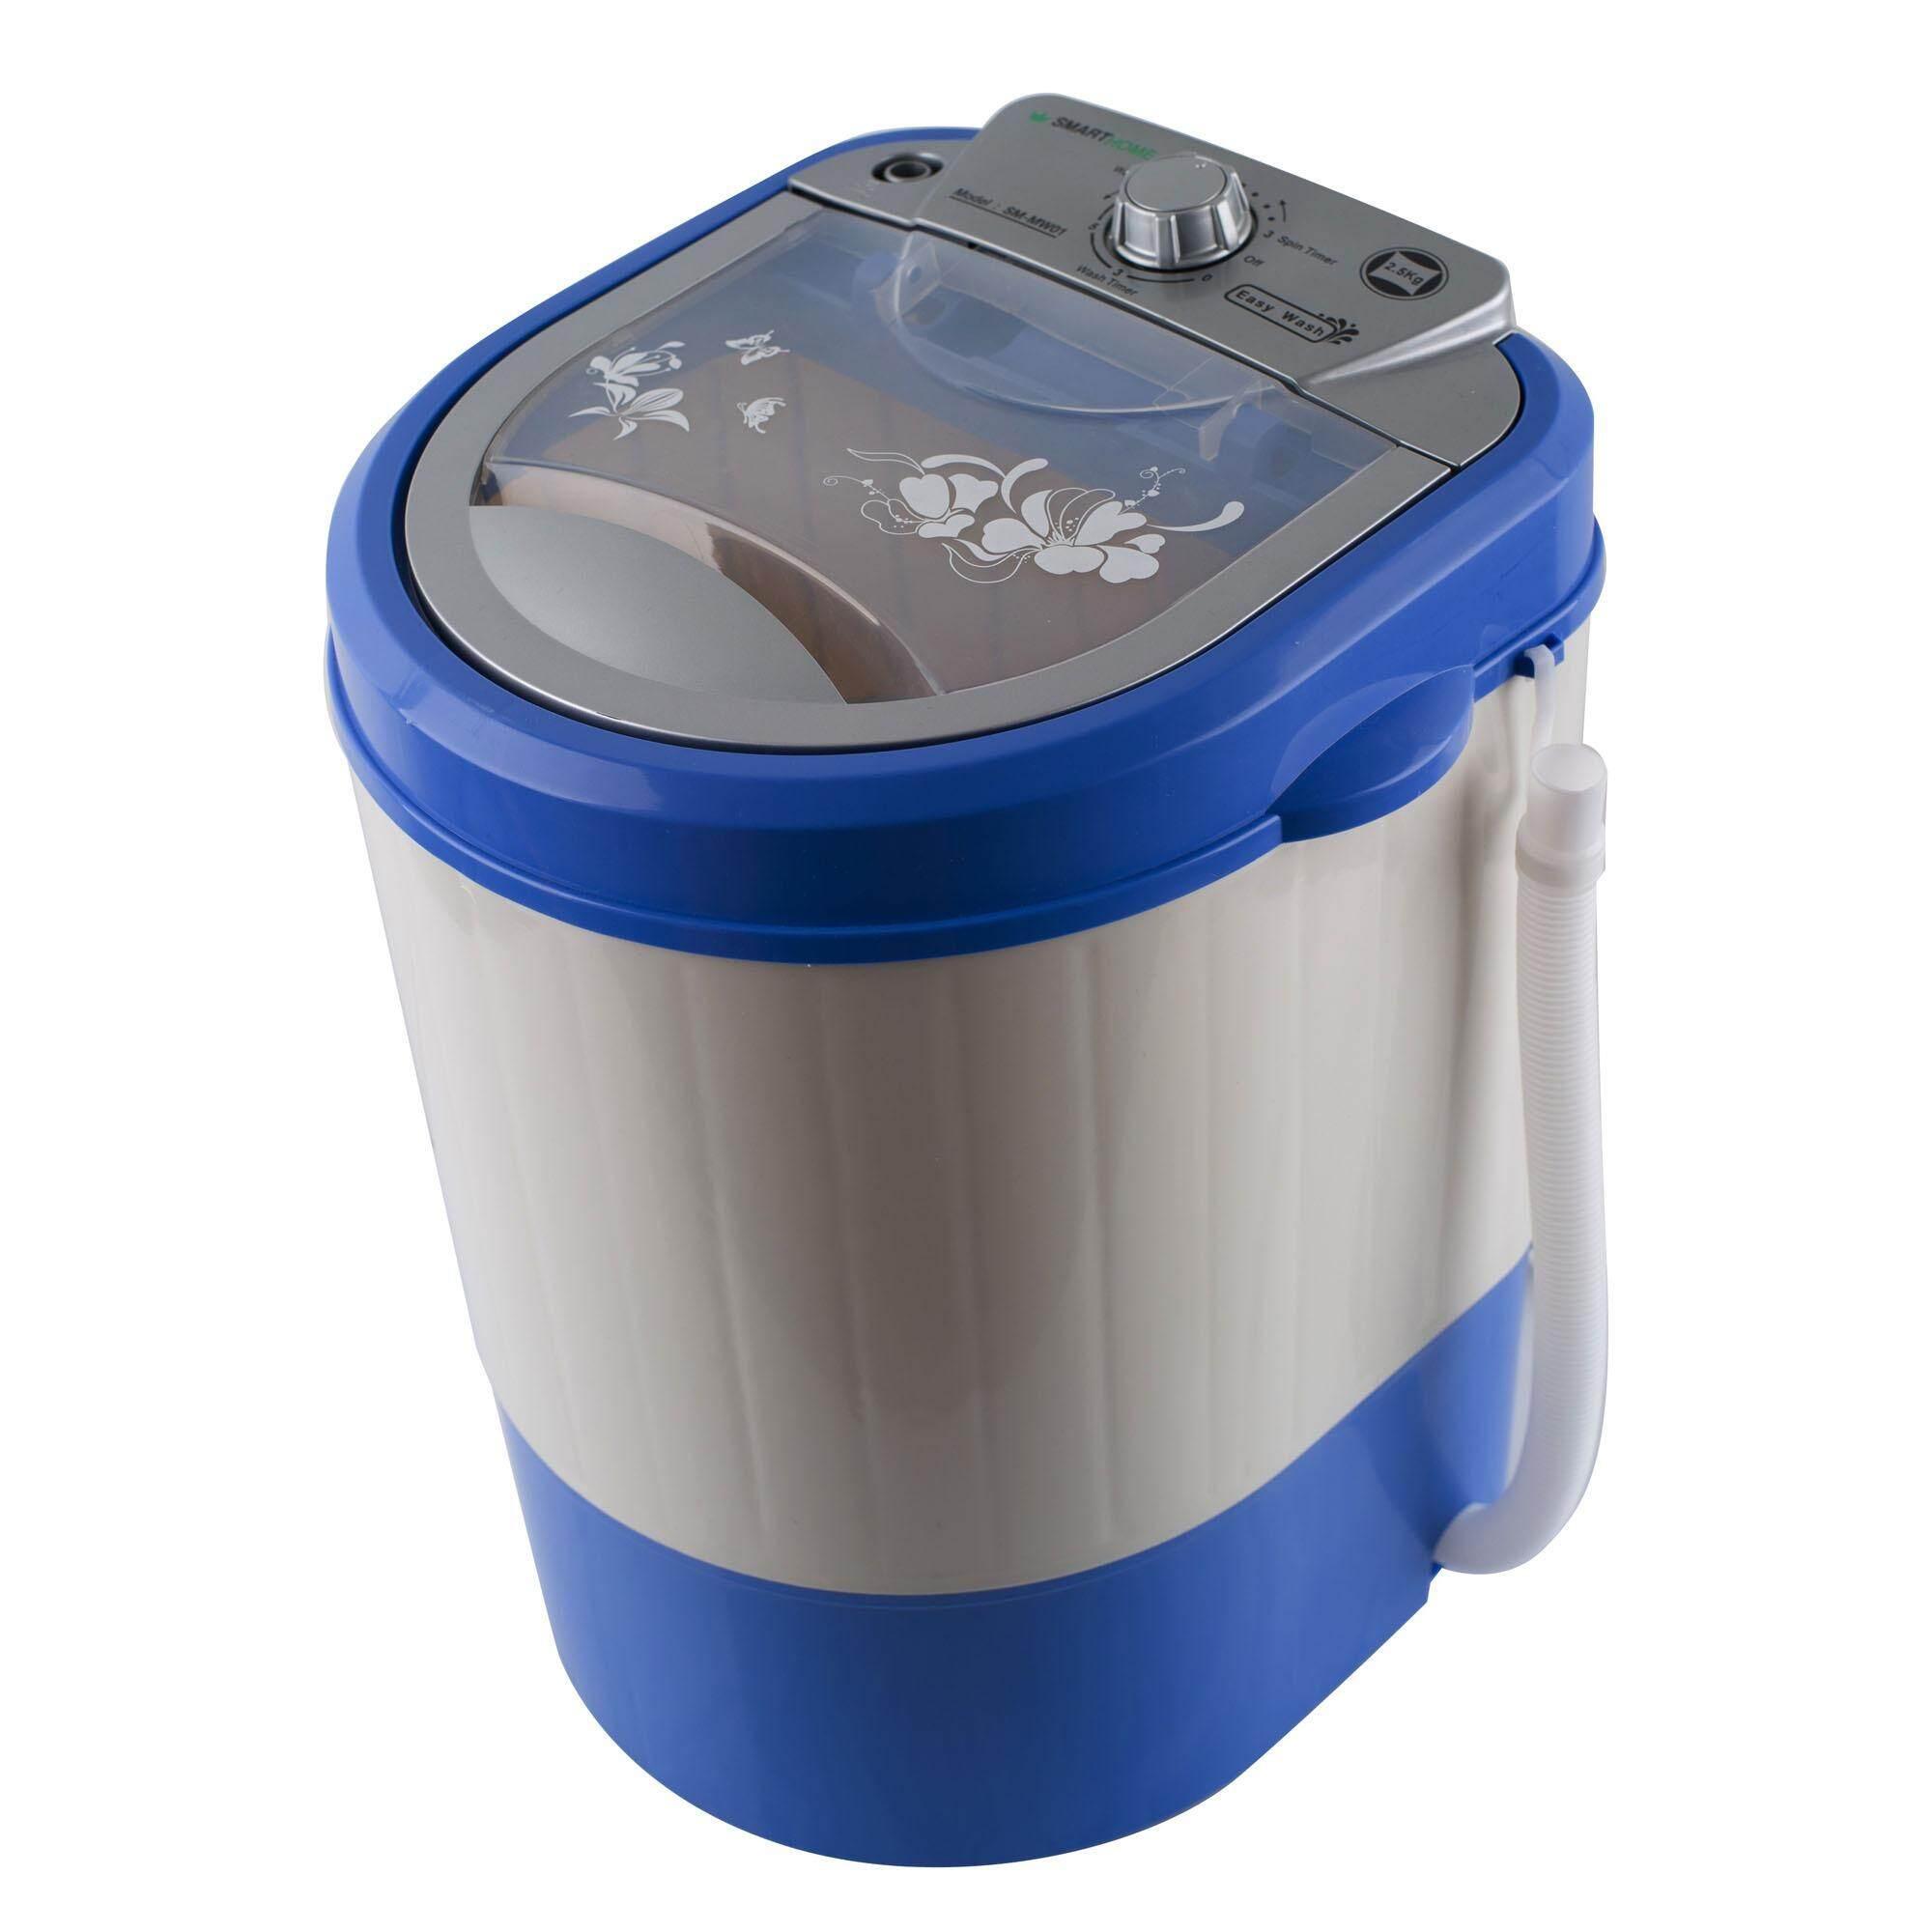 Sale เครื่องซักผ้า Beko ลด -23% Panasonic เครื่องซักผ้าฝาบน 1 ถังอัตโนมัติ ขนาดความจุ 15 กก. รุ่น Na-F150a3 นี่คือสินค้ายอดนิยม